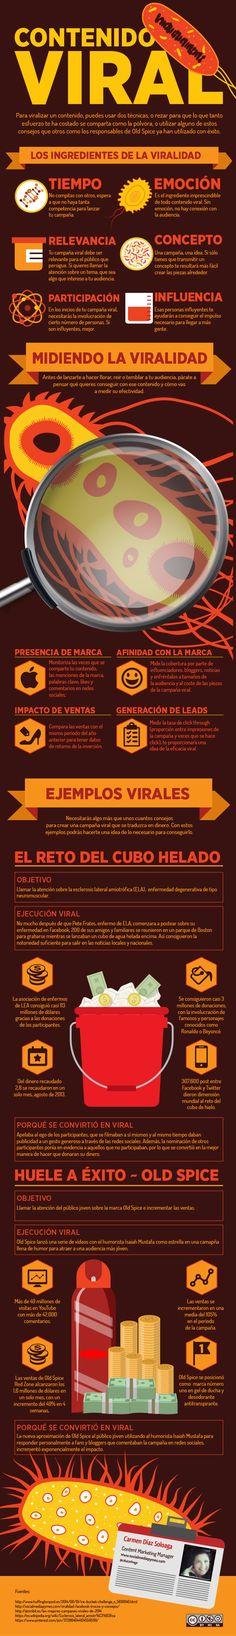 Contenido viral, la fórmula secreta. Infografía en español. #CommunityManager